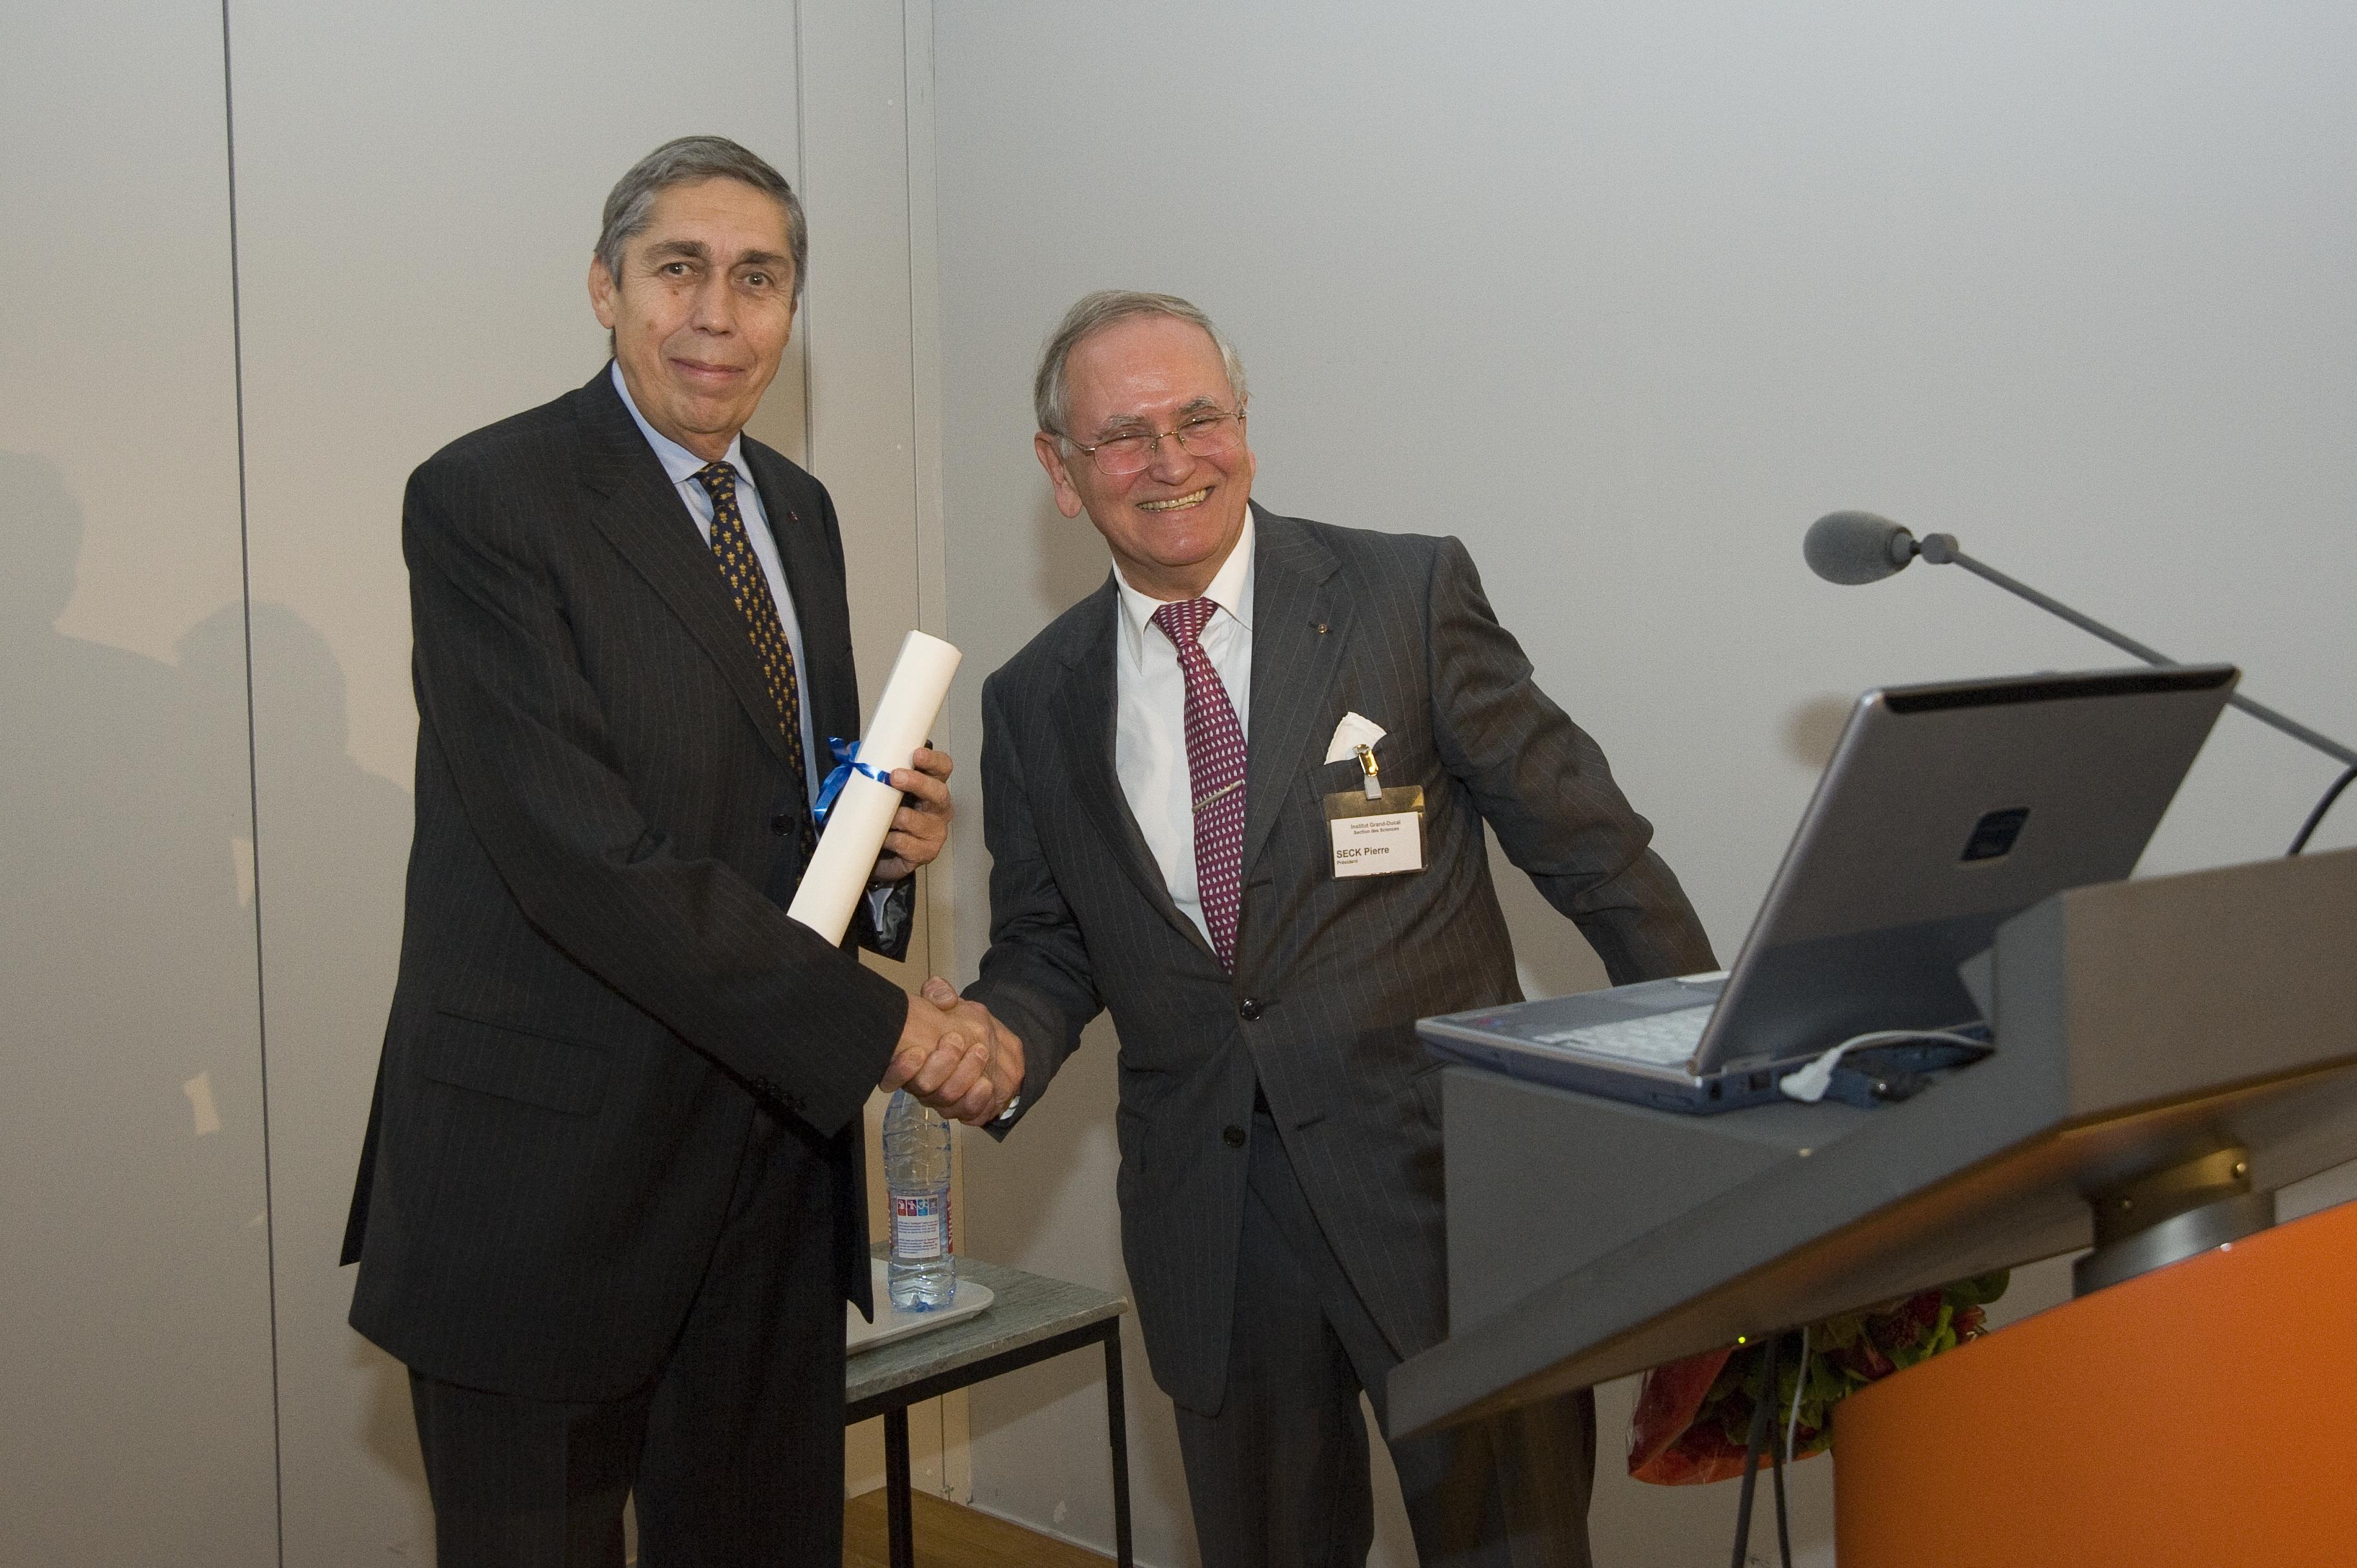 Grand Prix 2010 en sciences physiques de l'Institut grand-ducal / Prix Paul WURTH : Professeur Dr Jean-Pierre HANSEN (University of Cambridge) / lauréat